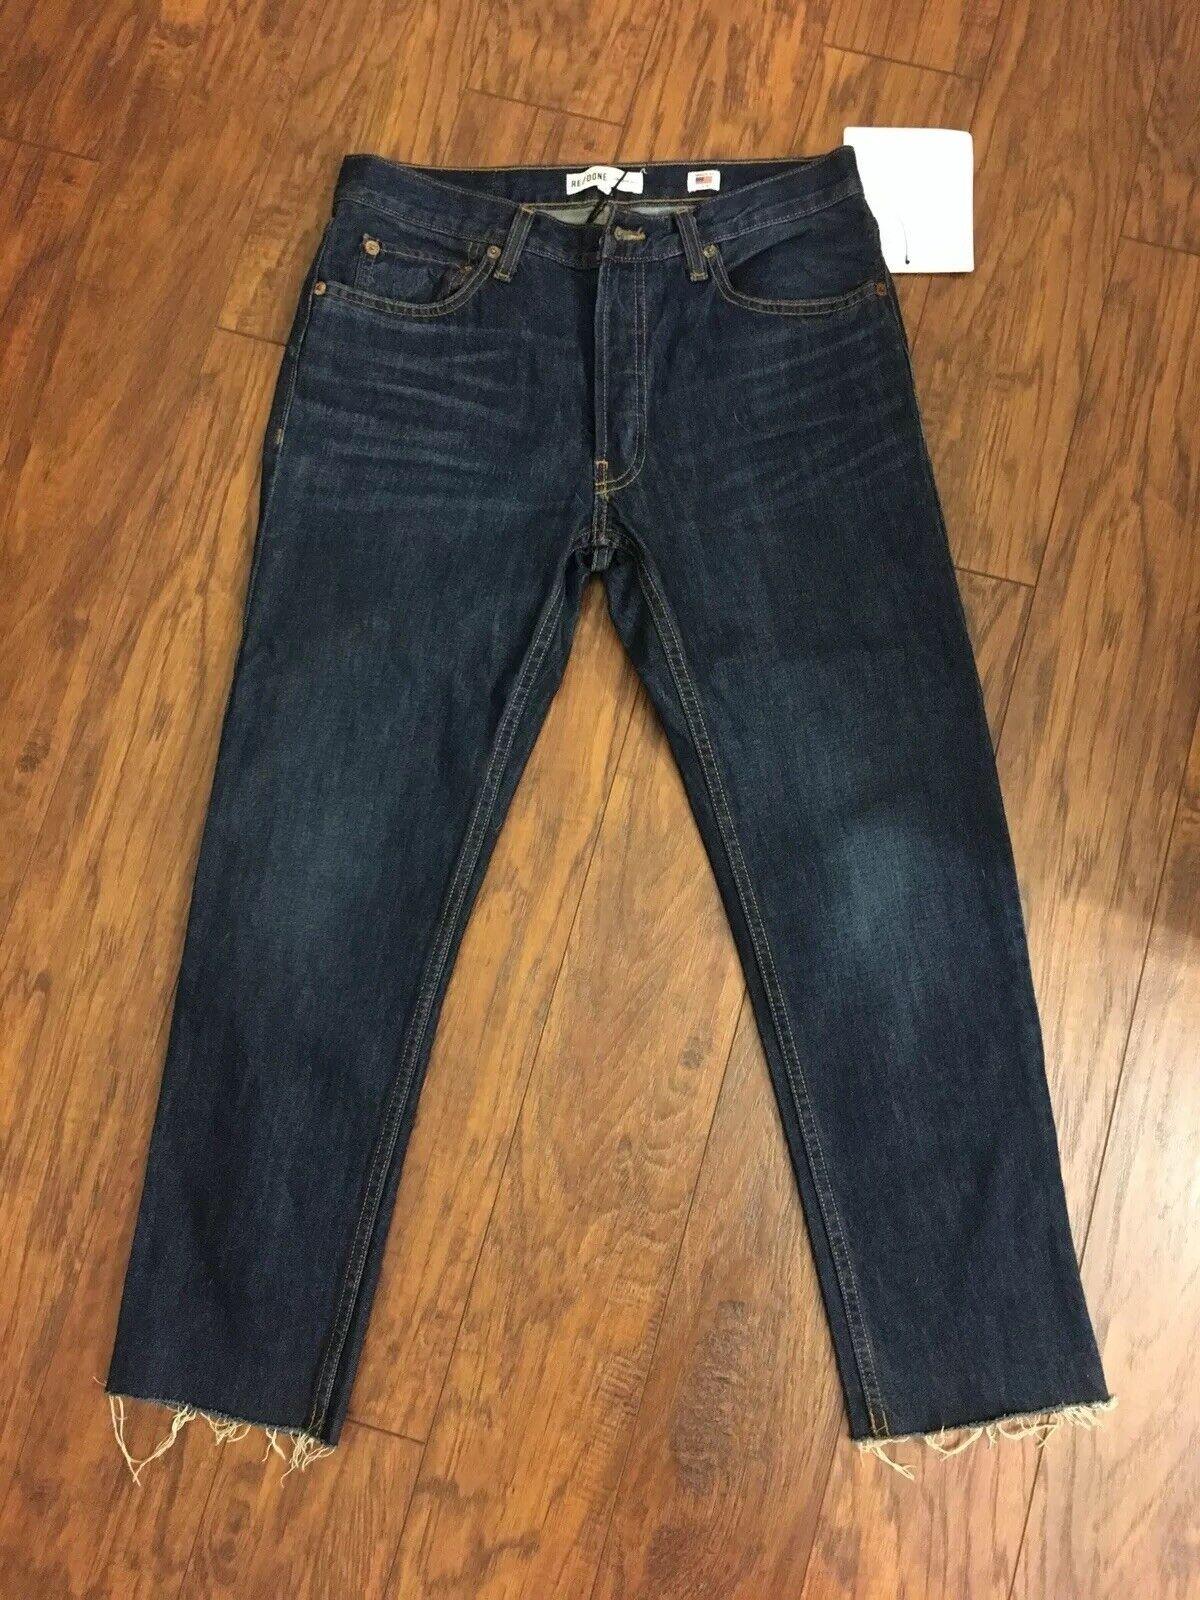 B02 RE fait 26 bleu foncé 100% coton Effilé Jeans